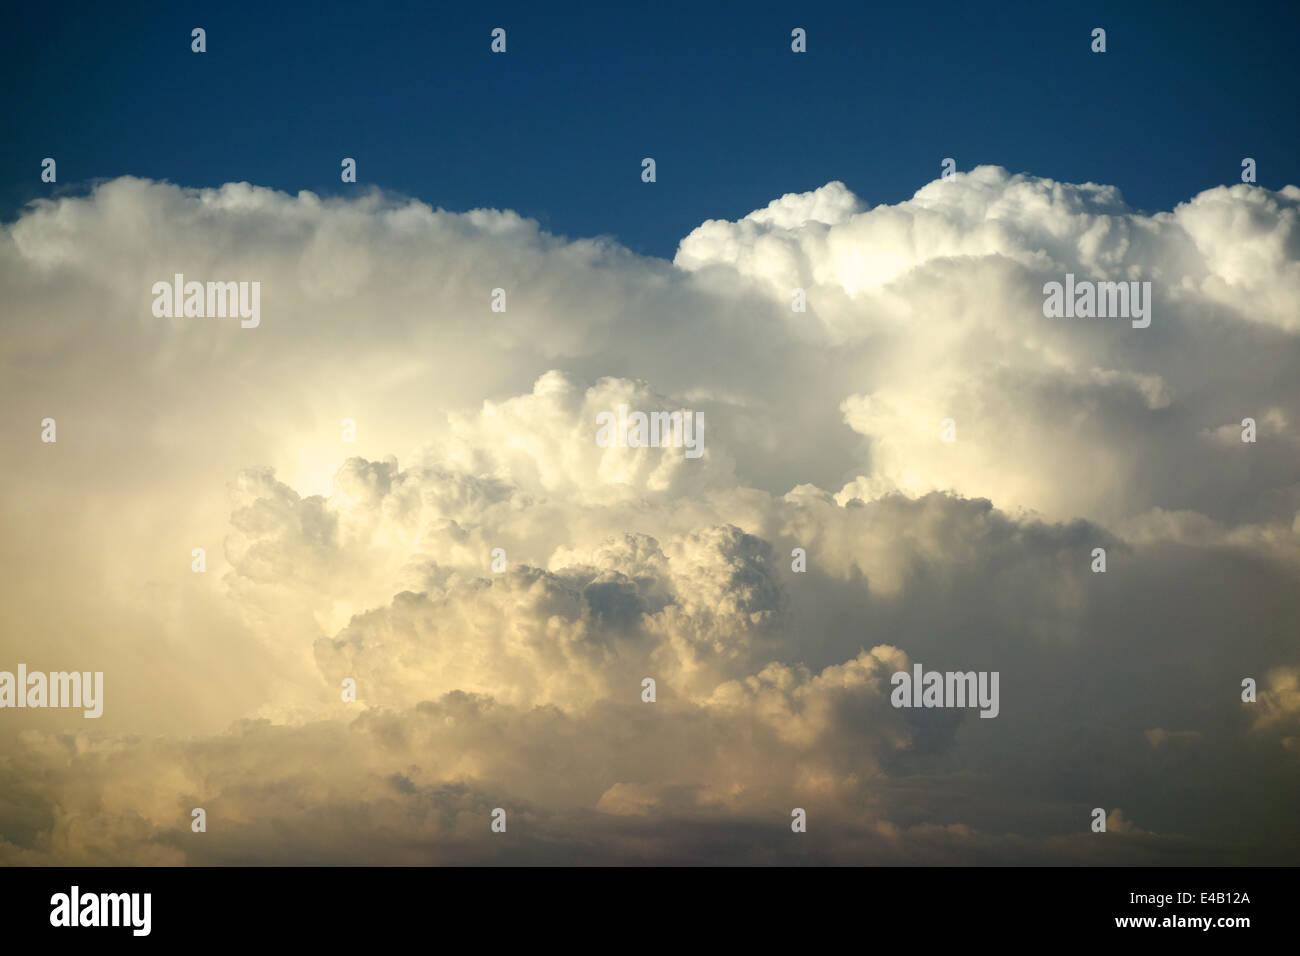 A towering Cumulonimbus cloud - Stock Image